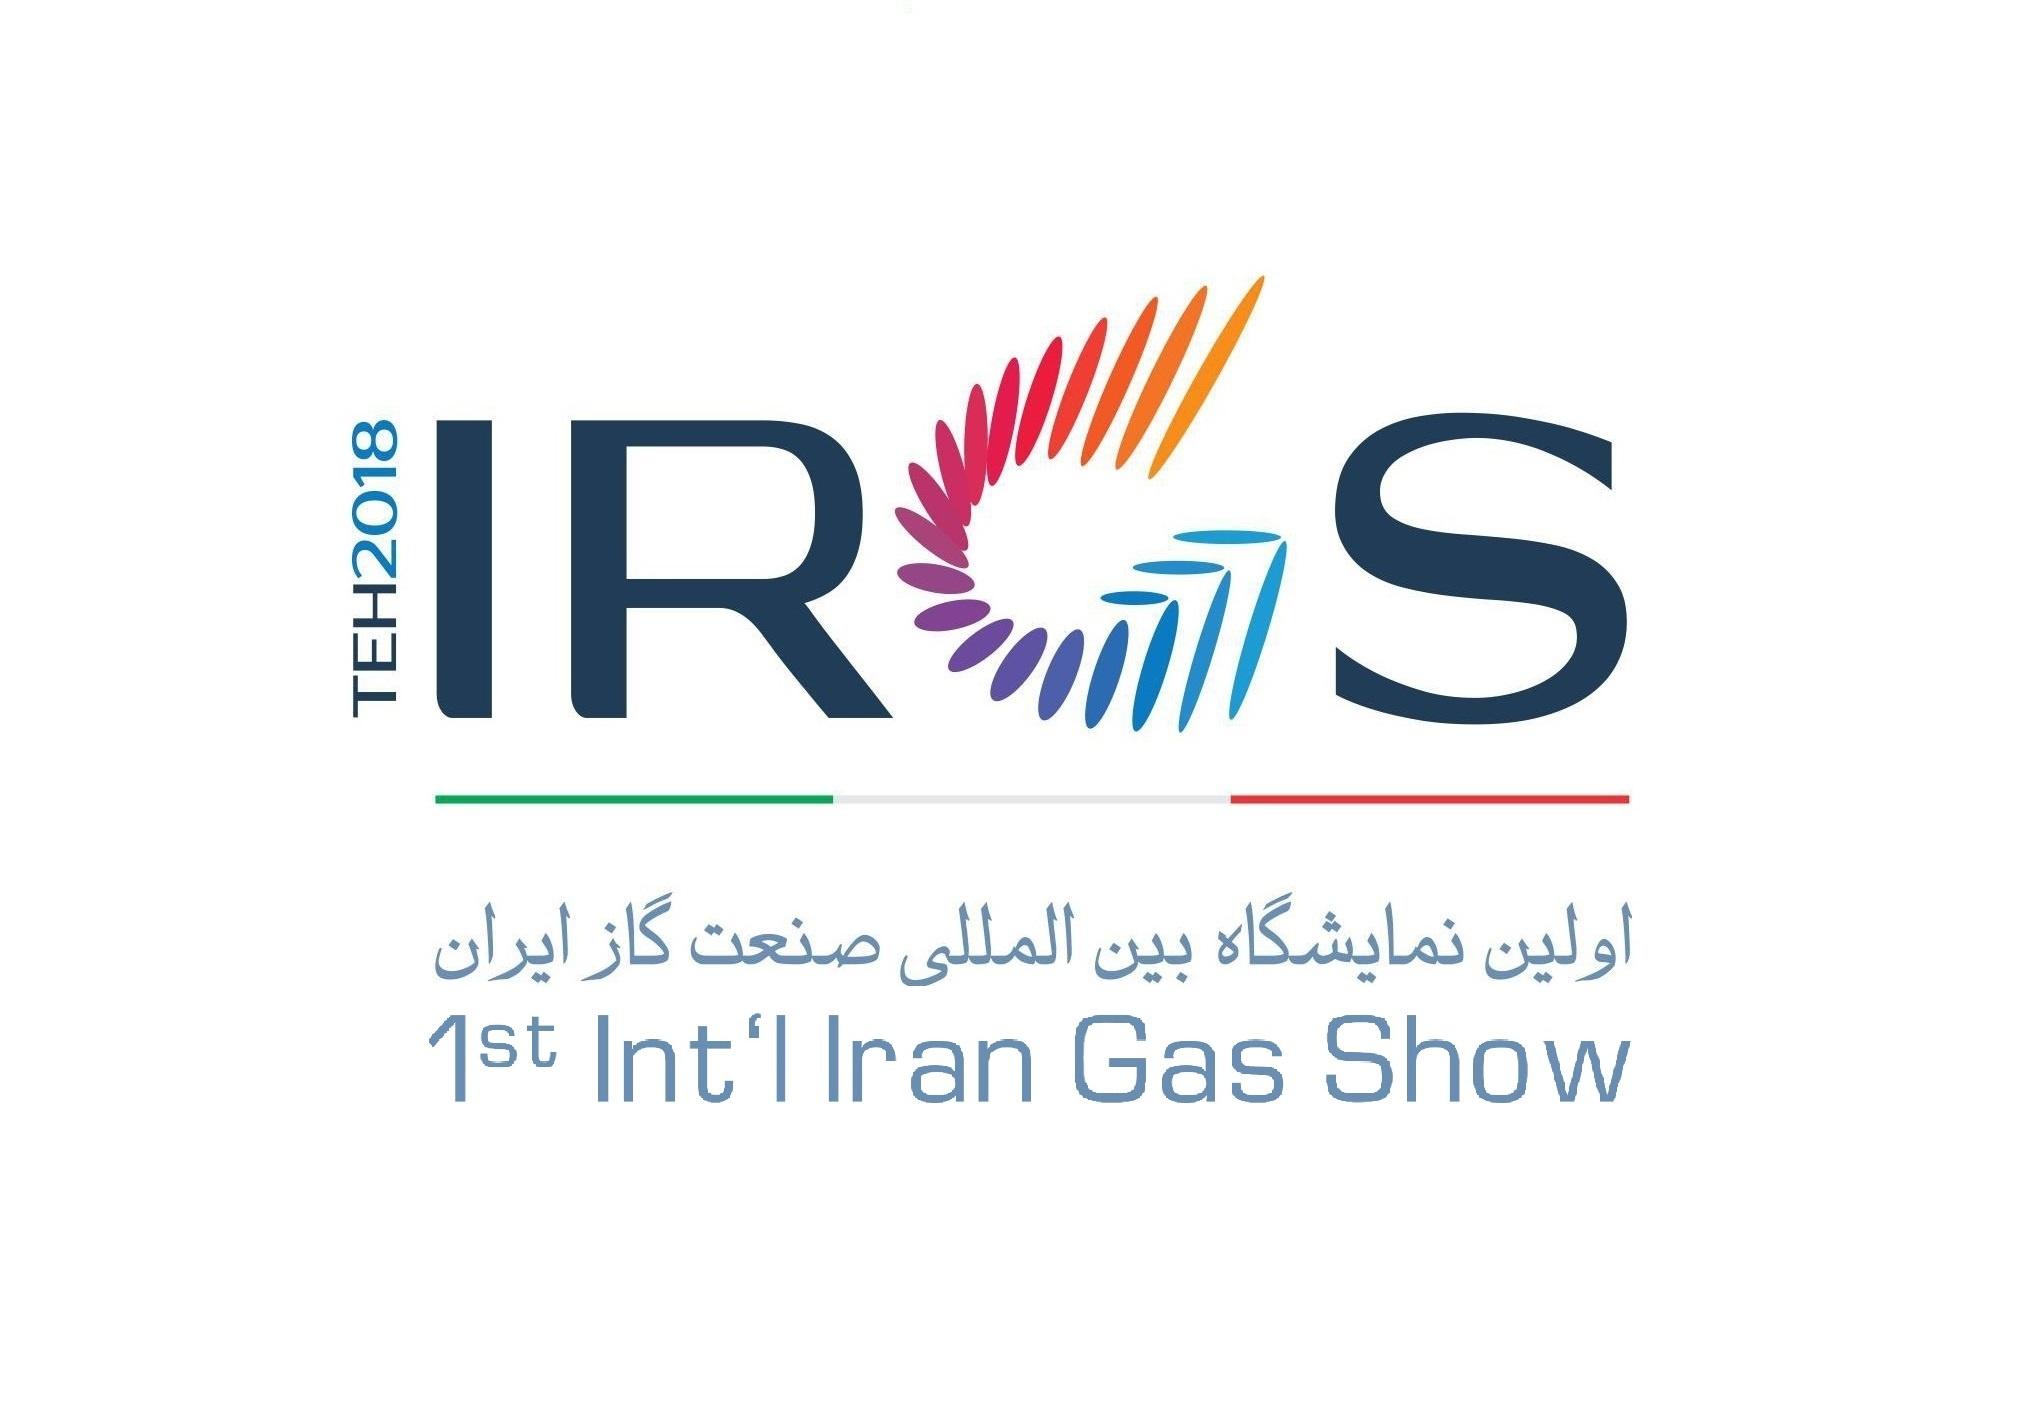 برگزاری نمایشگاه بین المللی صنعت گاز برای اولین بار در شهرآفتاب